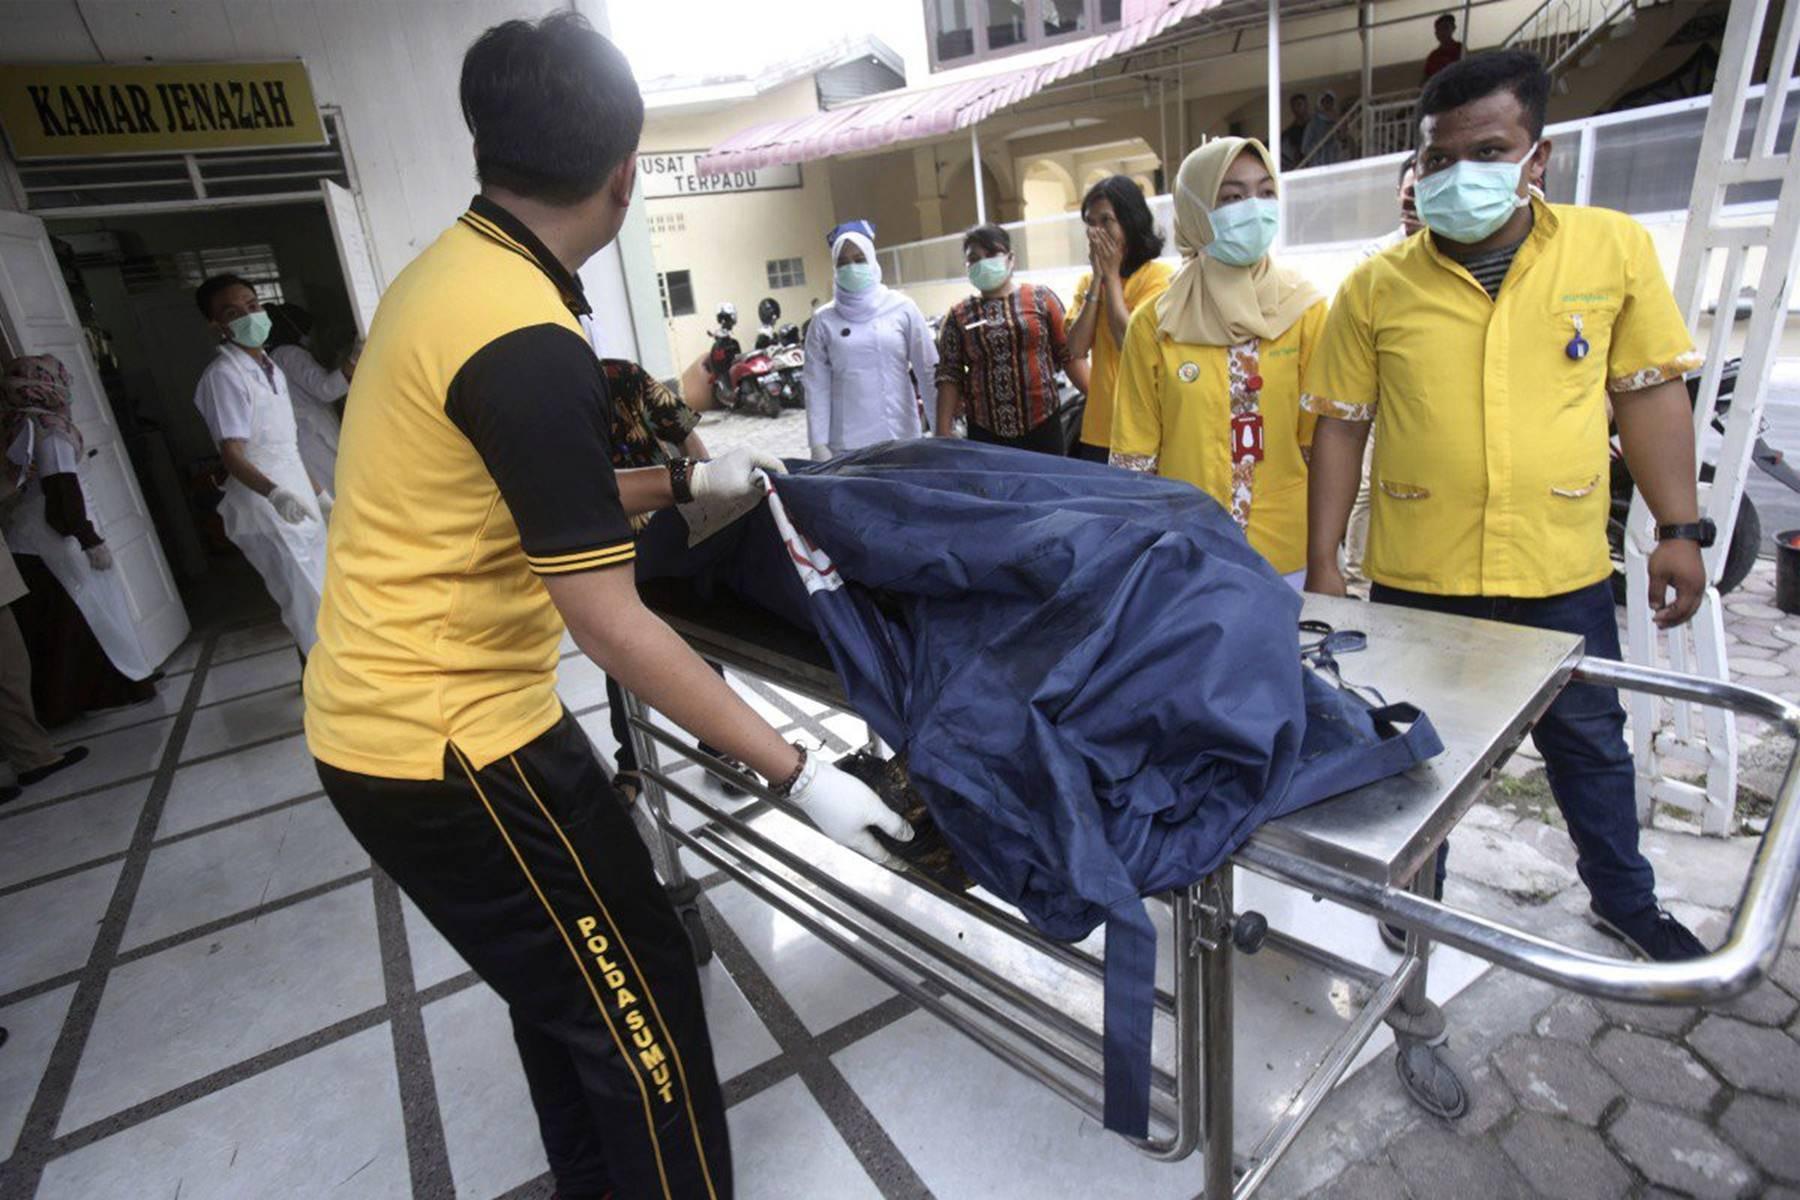 Nóng: Cháy xưởng sản xuất diêm ở Indonesia khiến ít nhất 30 người thiệt mạng, trong đó có 3 trẻ em, hiện trường hỏa hoạn gây ám ảnh-1